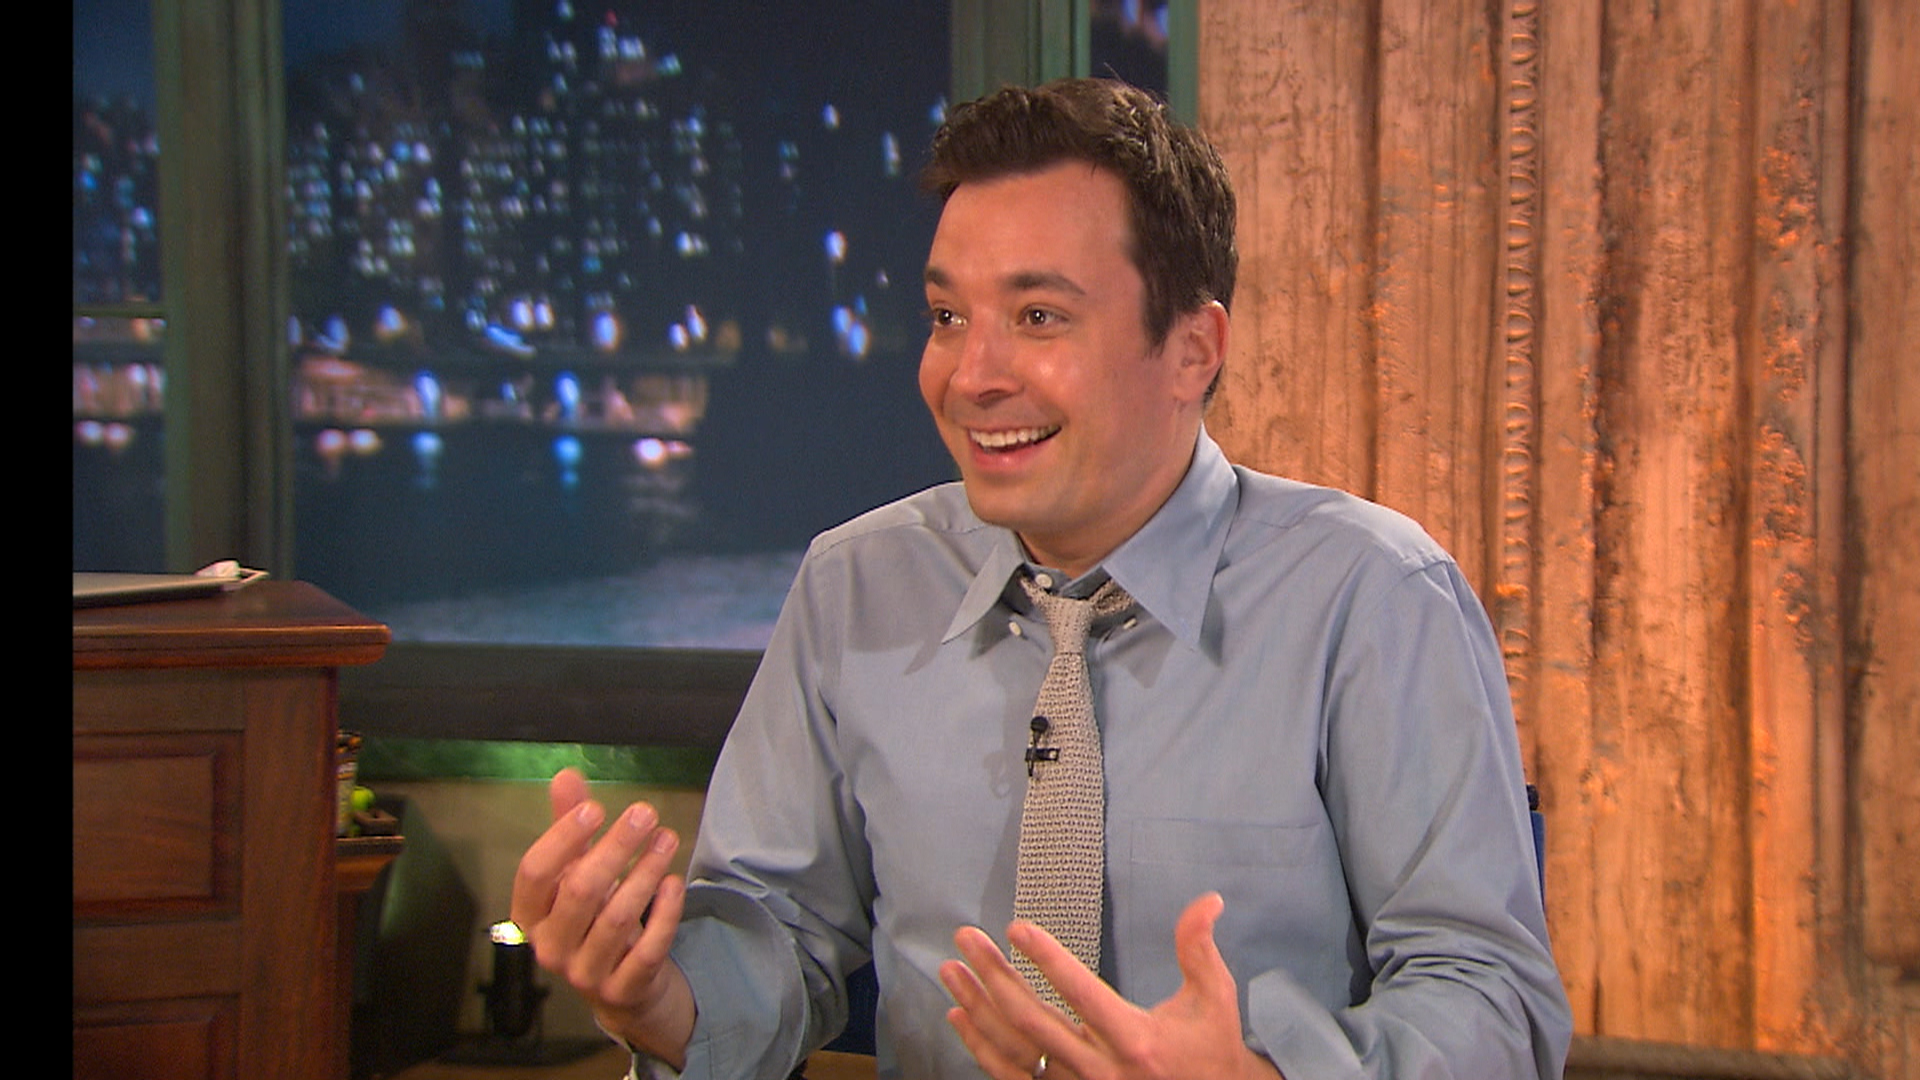 Jimmy Fallon reveals 'awful' 5-year fertility struggle ...